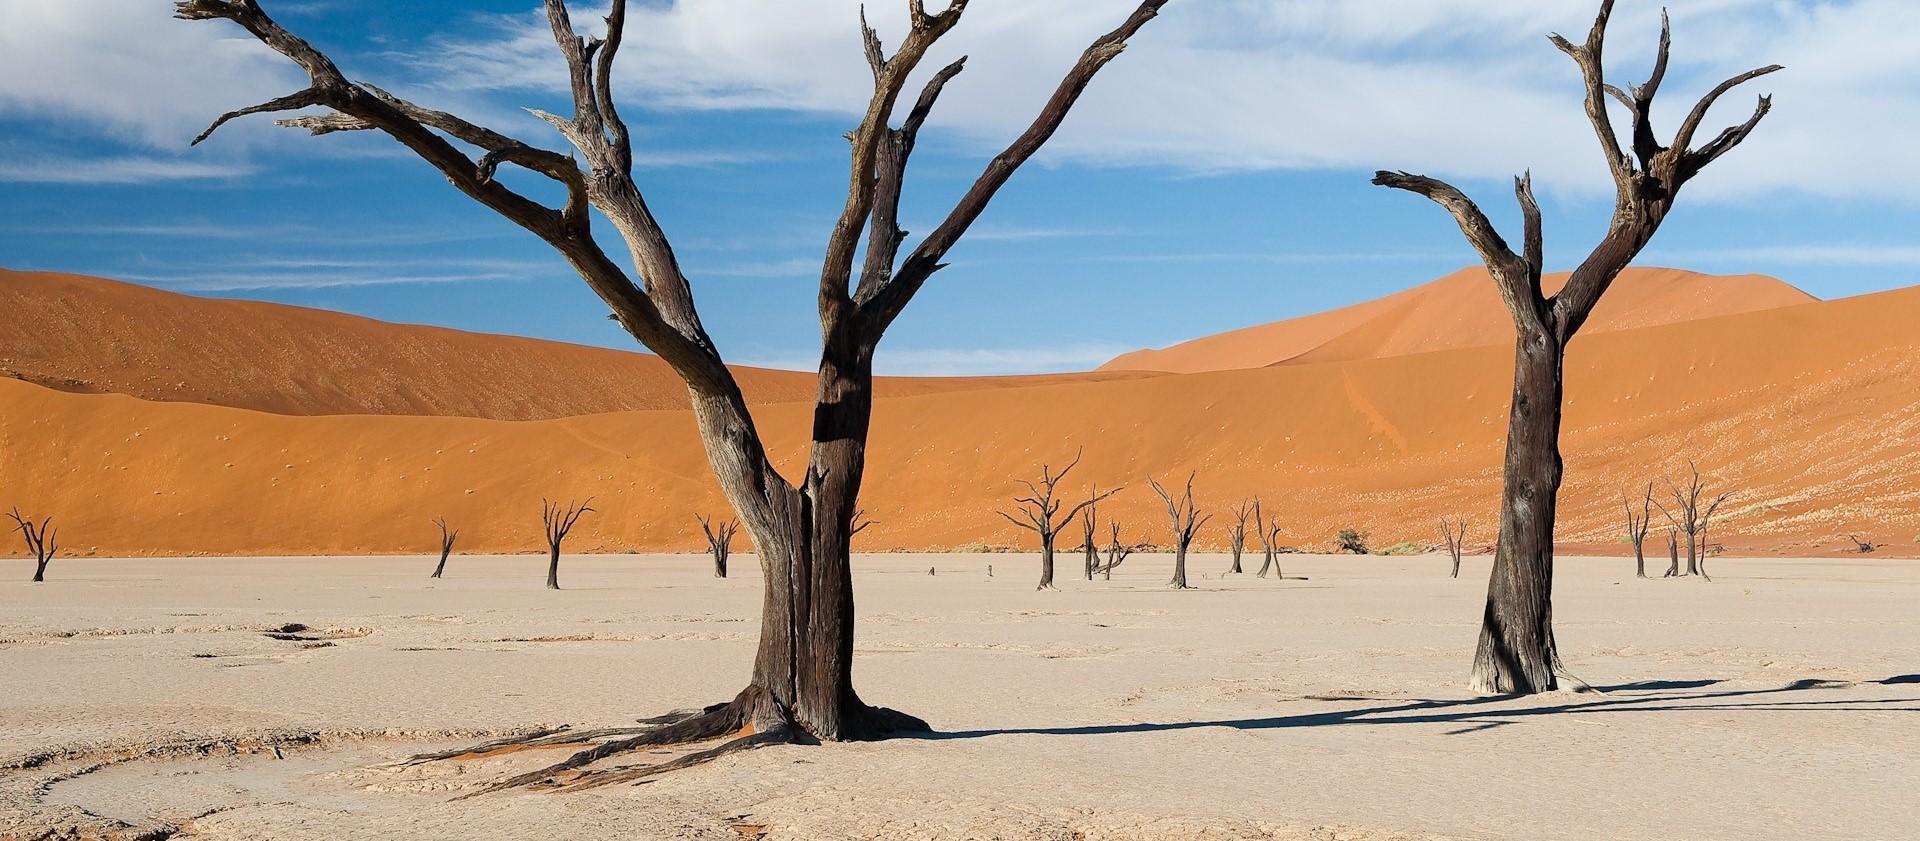 Sossusvlei-desert-landscape-namibia